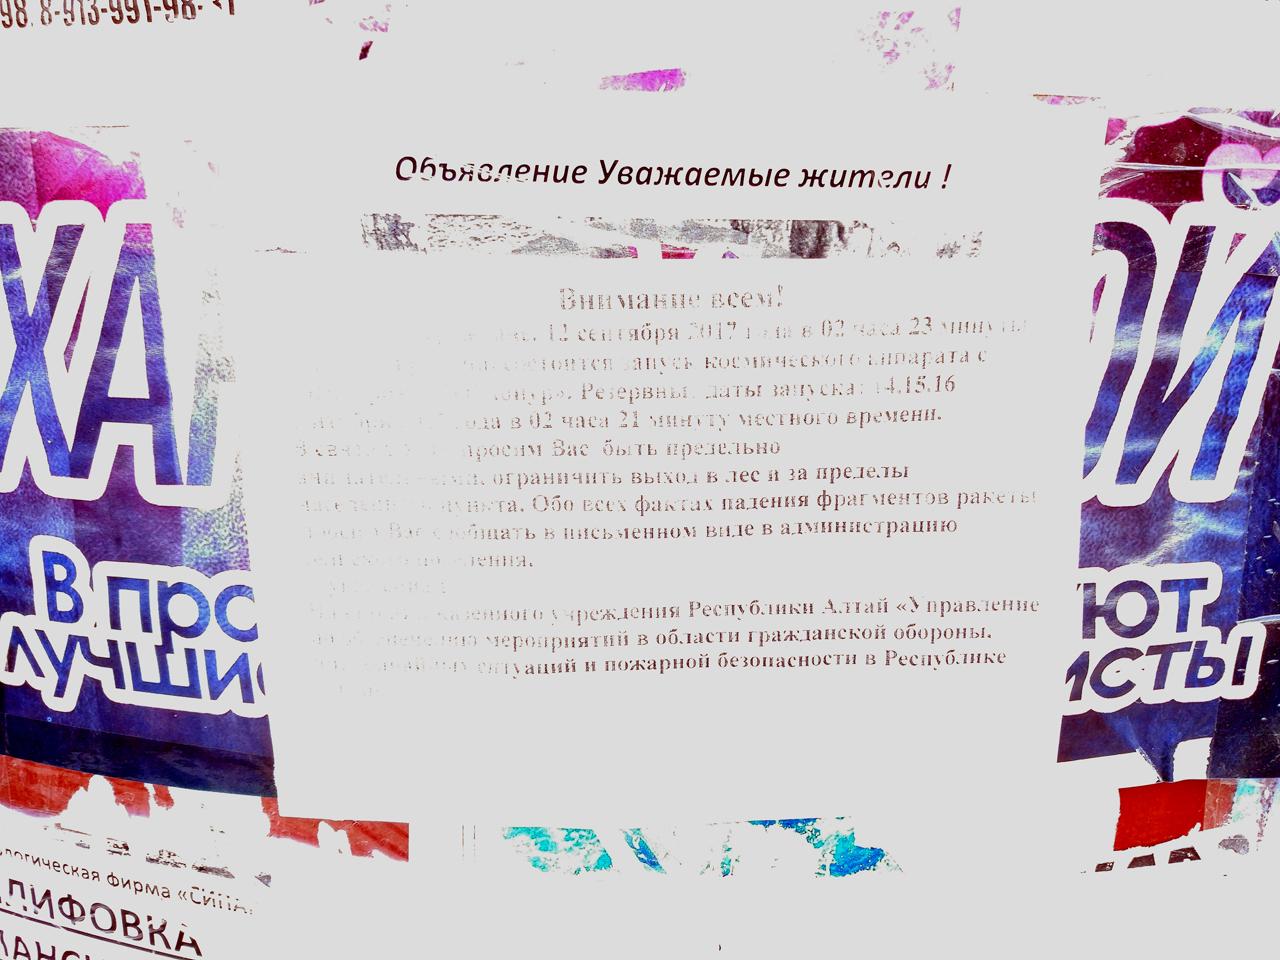 Москва Владивосток, часть II: Алтай   Кемерово